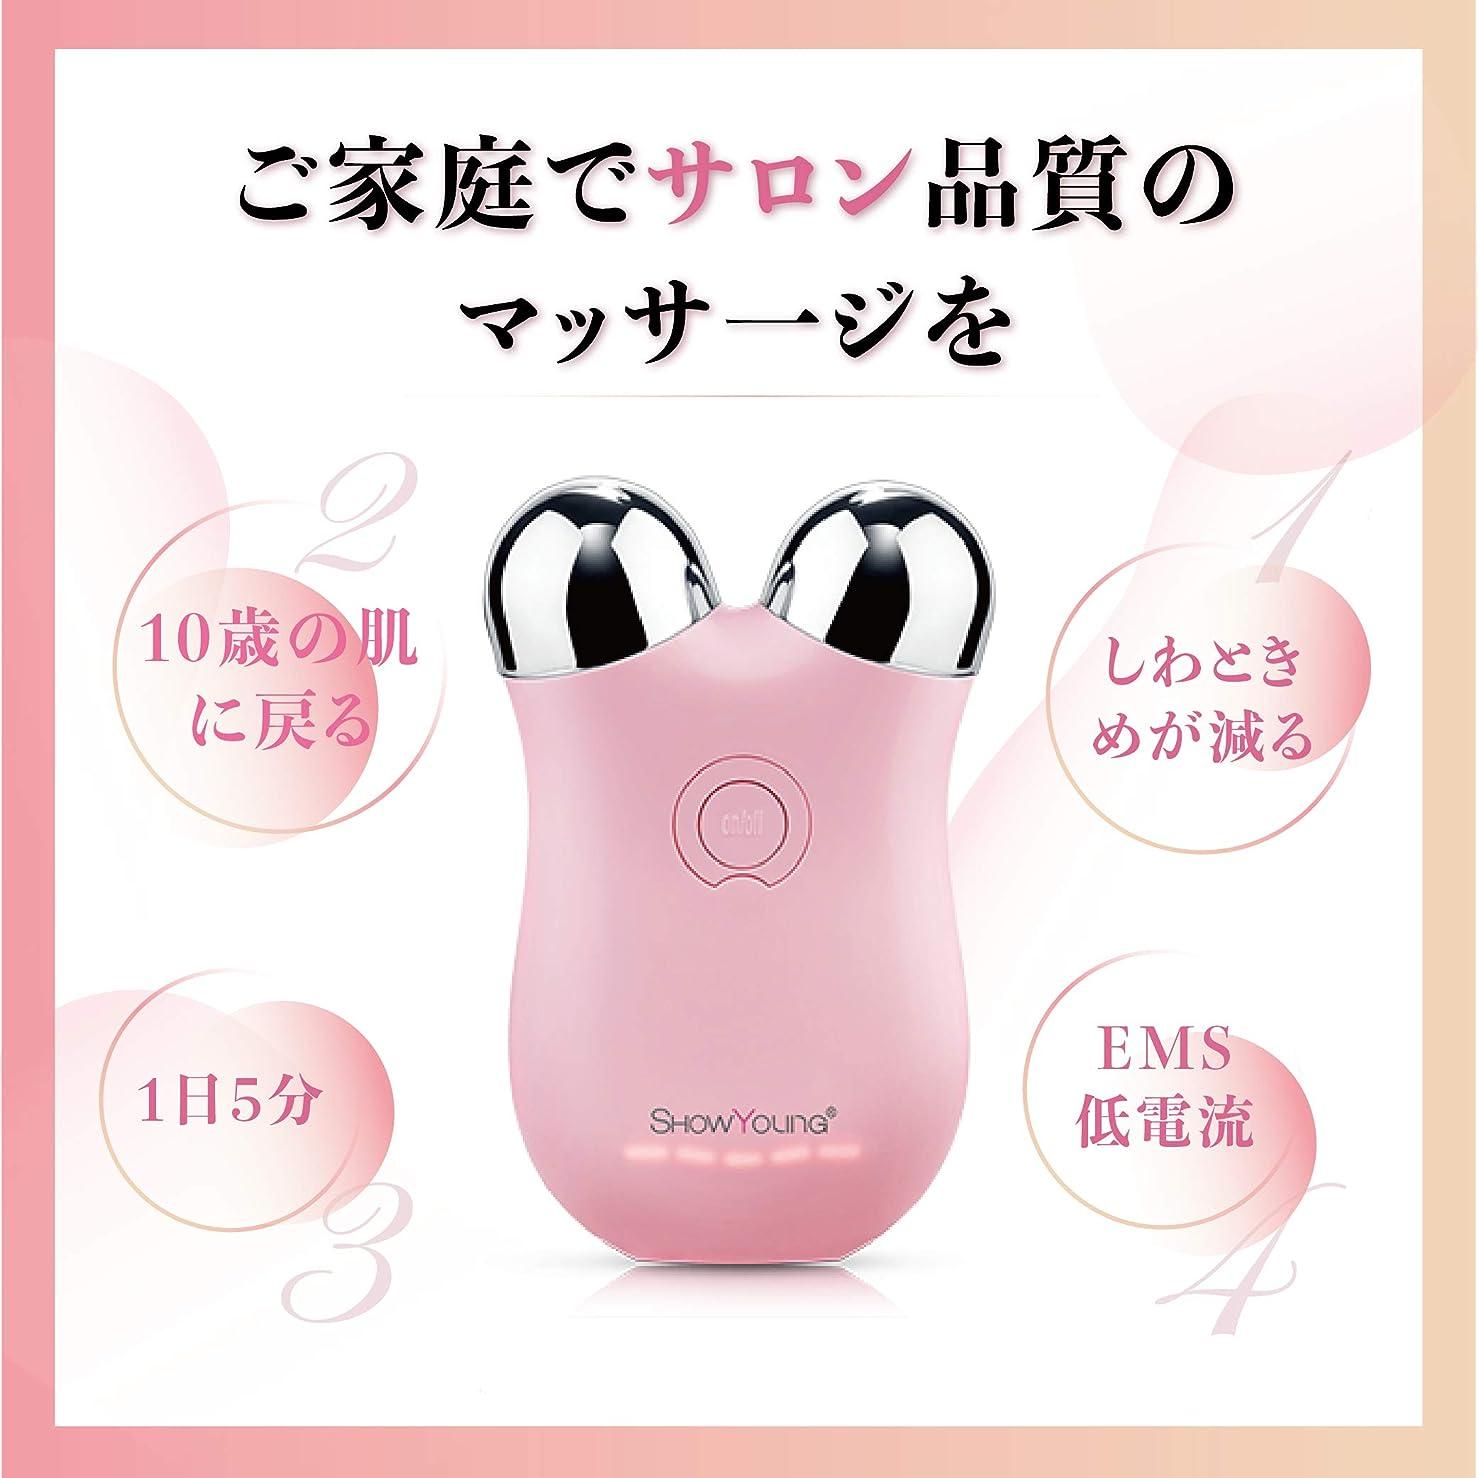 美容師フラフープ散髪Showyoung 微小電流ミニ顔マッサージ器、顔の調色装置、しわと細紋の減少、皮膚、リンパのマッサージ、調整の質、2年の品質の保証に用いる。